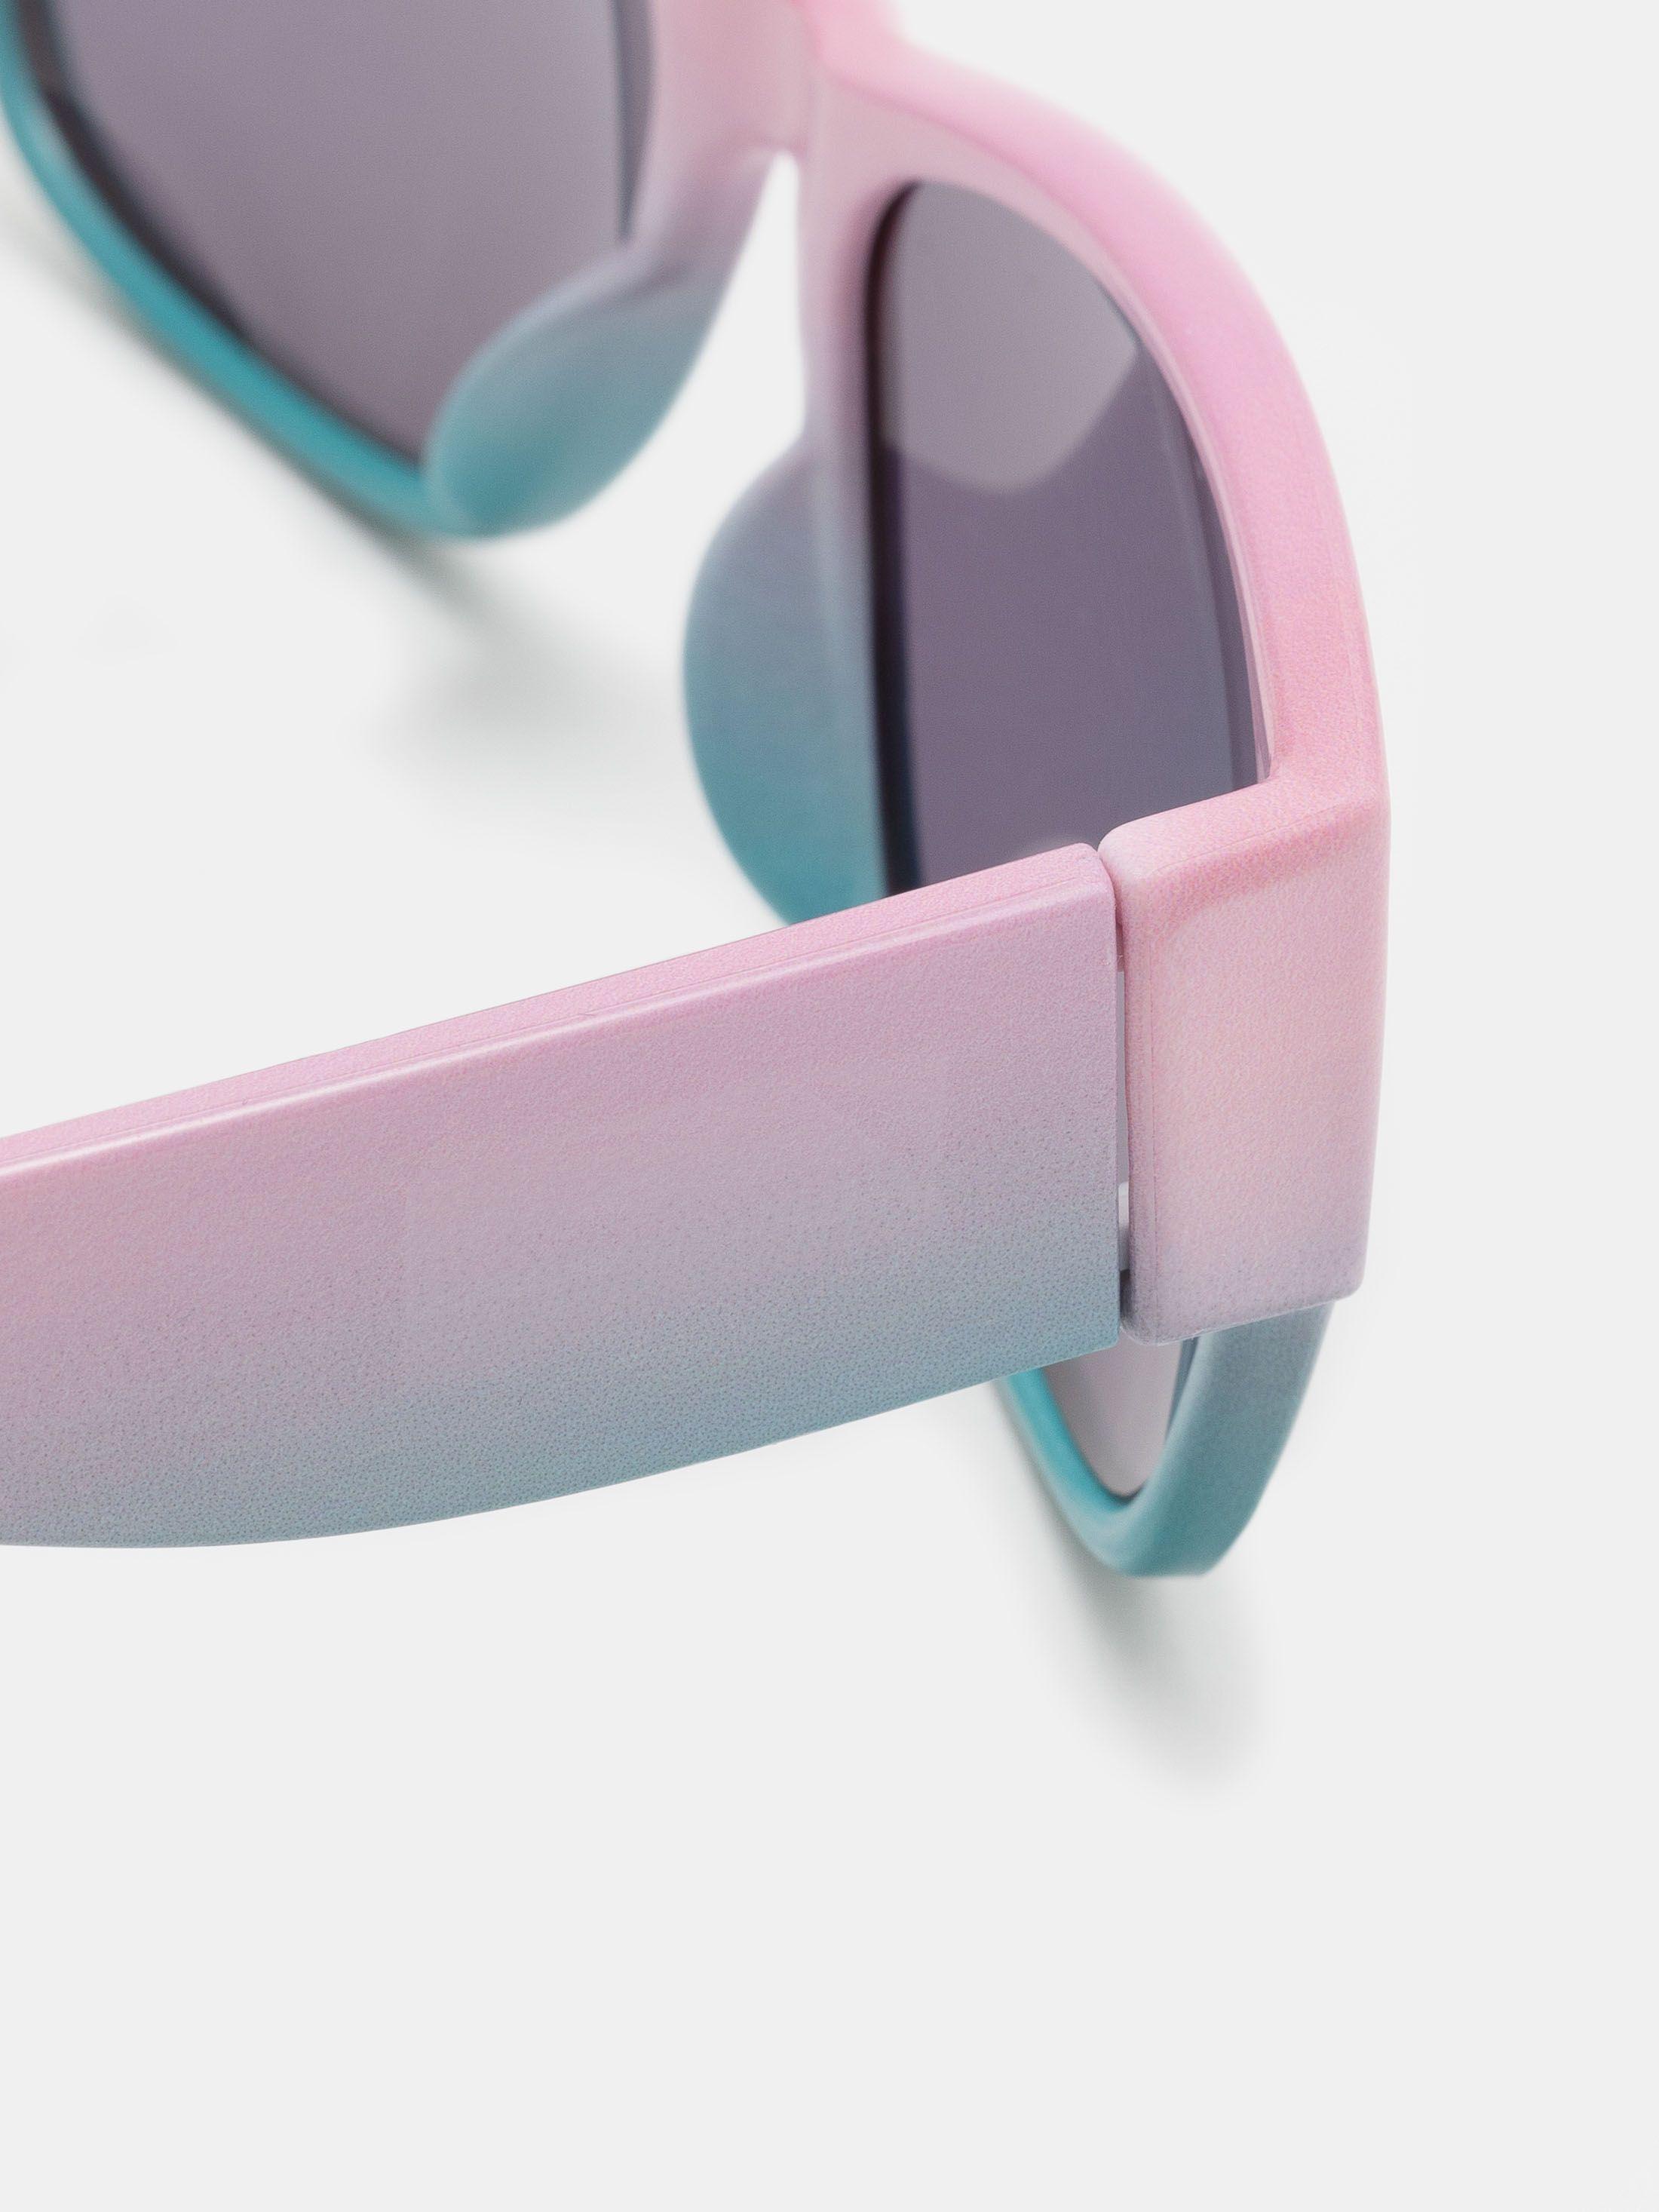 stampa foto su montatura occhiali